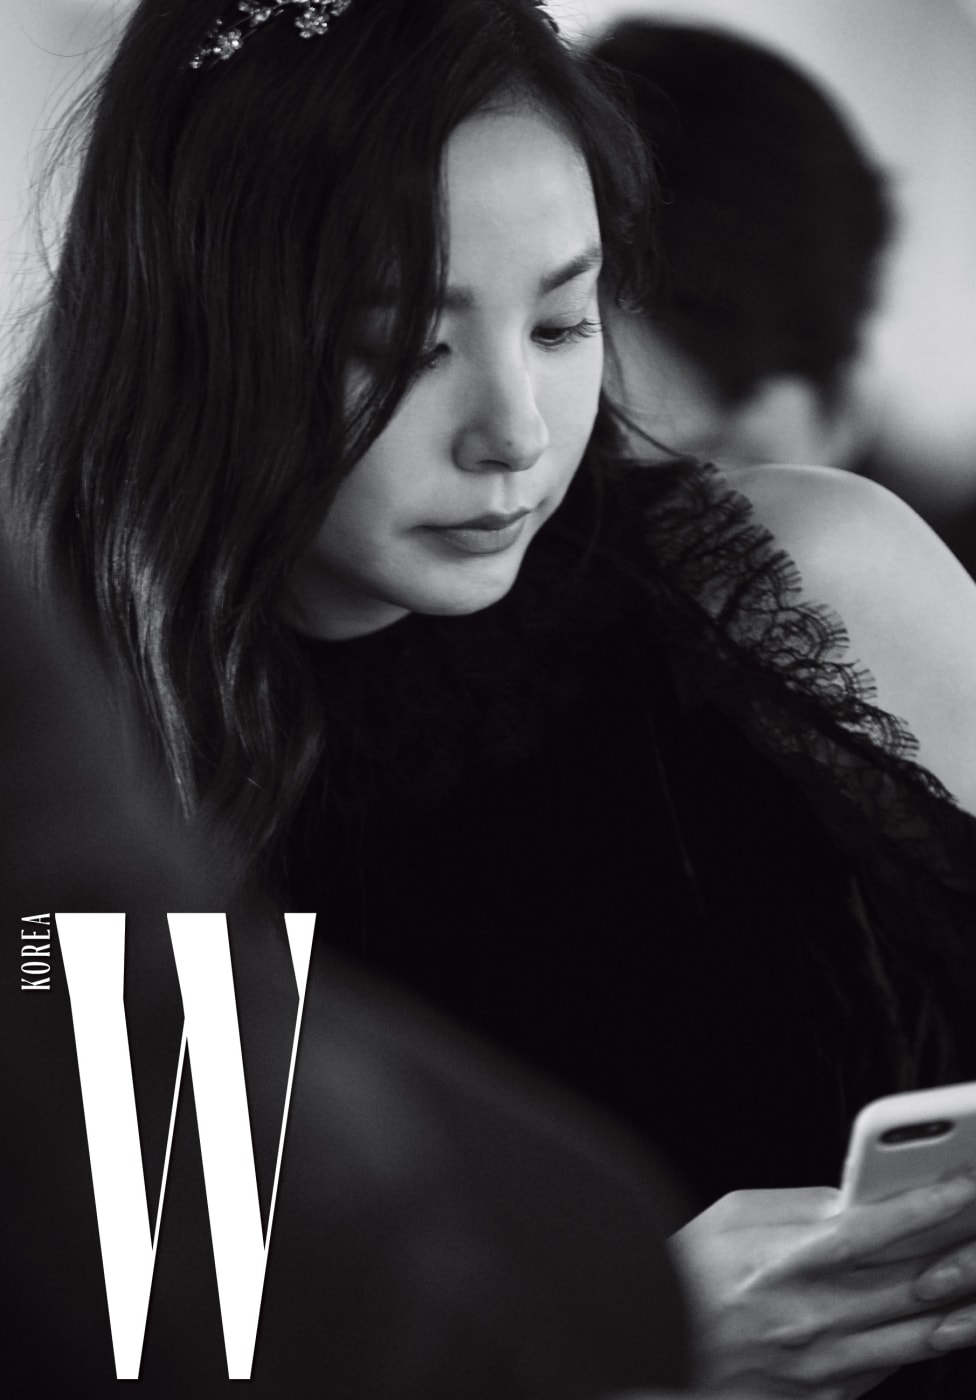 여성스러운 외모와 달리 털털하고 왈가닥 같은 반전매력의 배우 민효린.